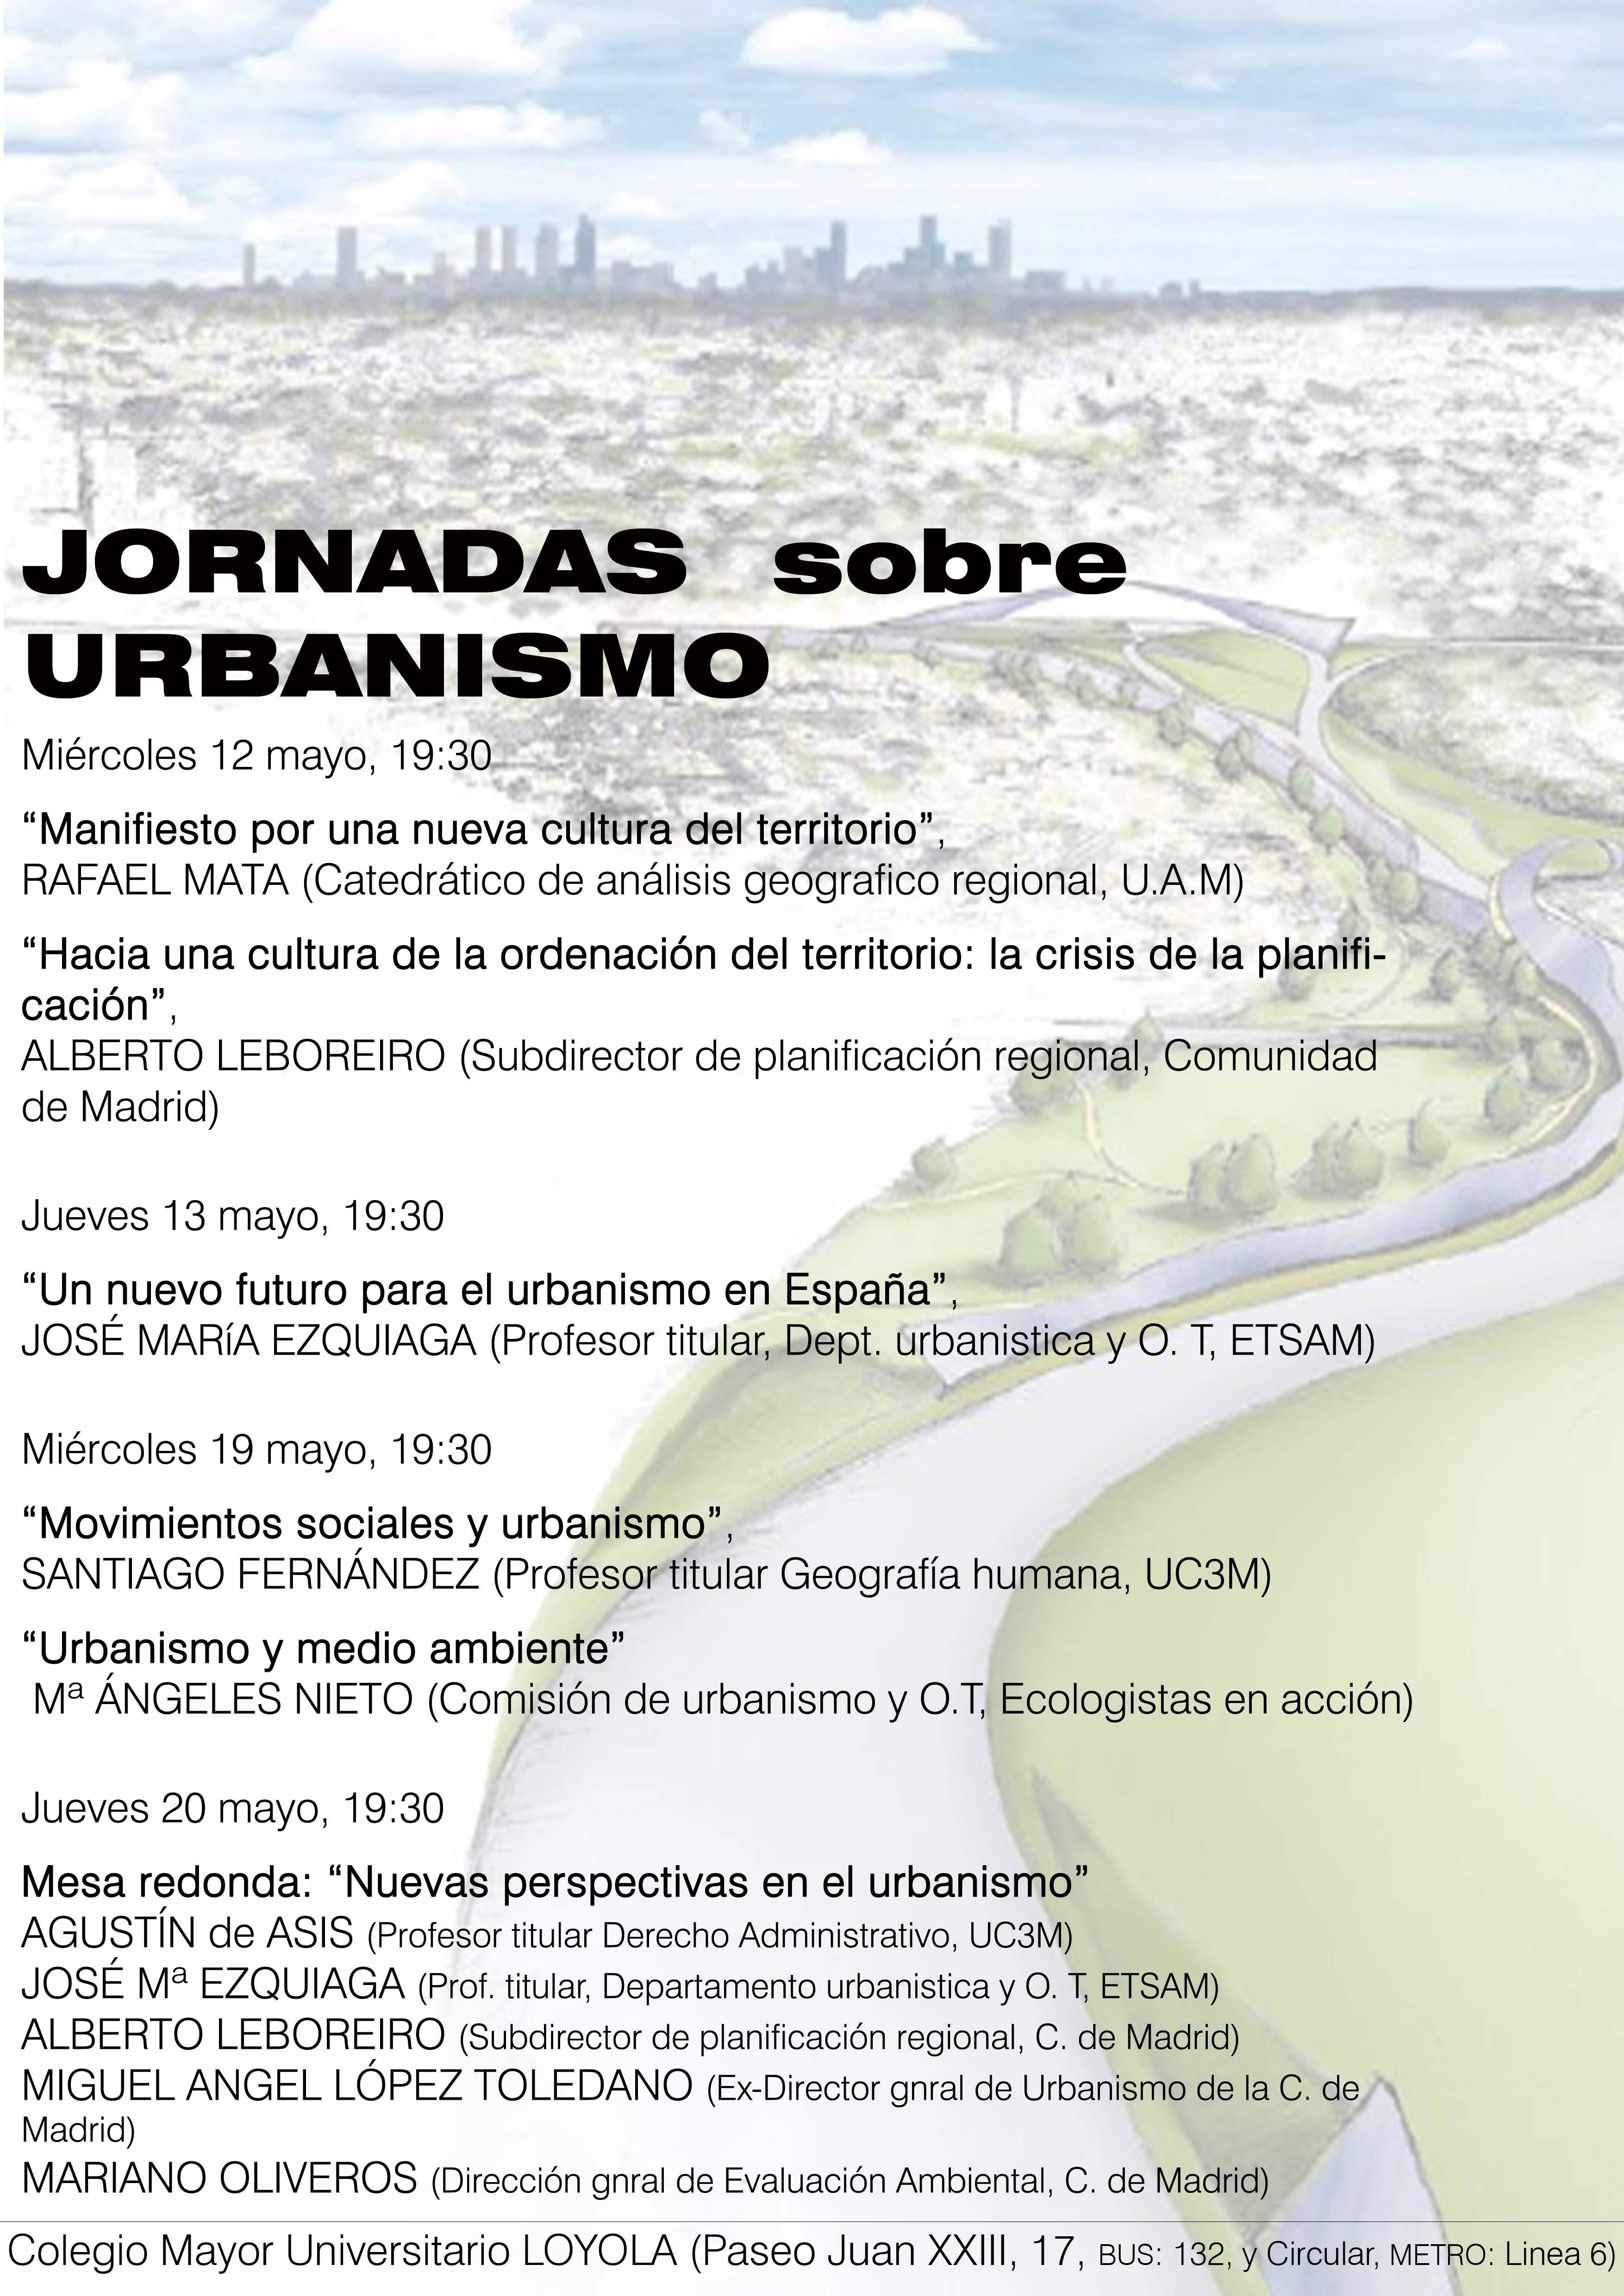 jornadas-de-urbanismo-en-el-colegio-mayor-universitario-loyola-en-madrid